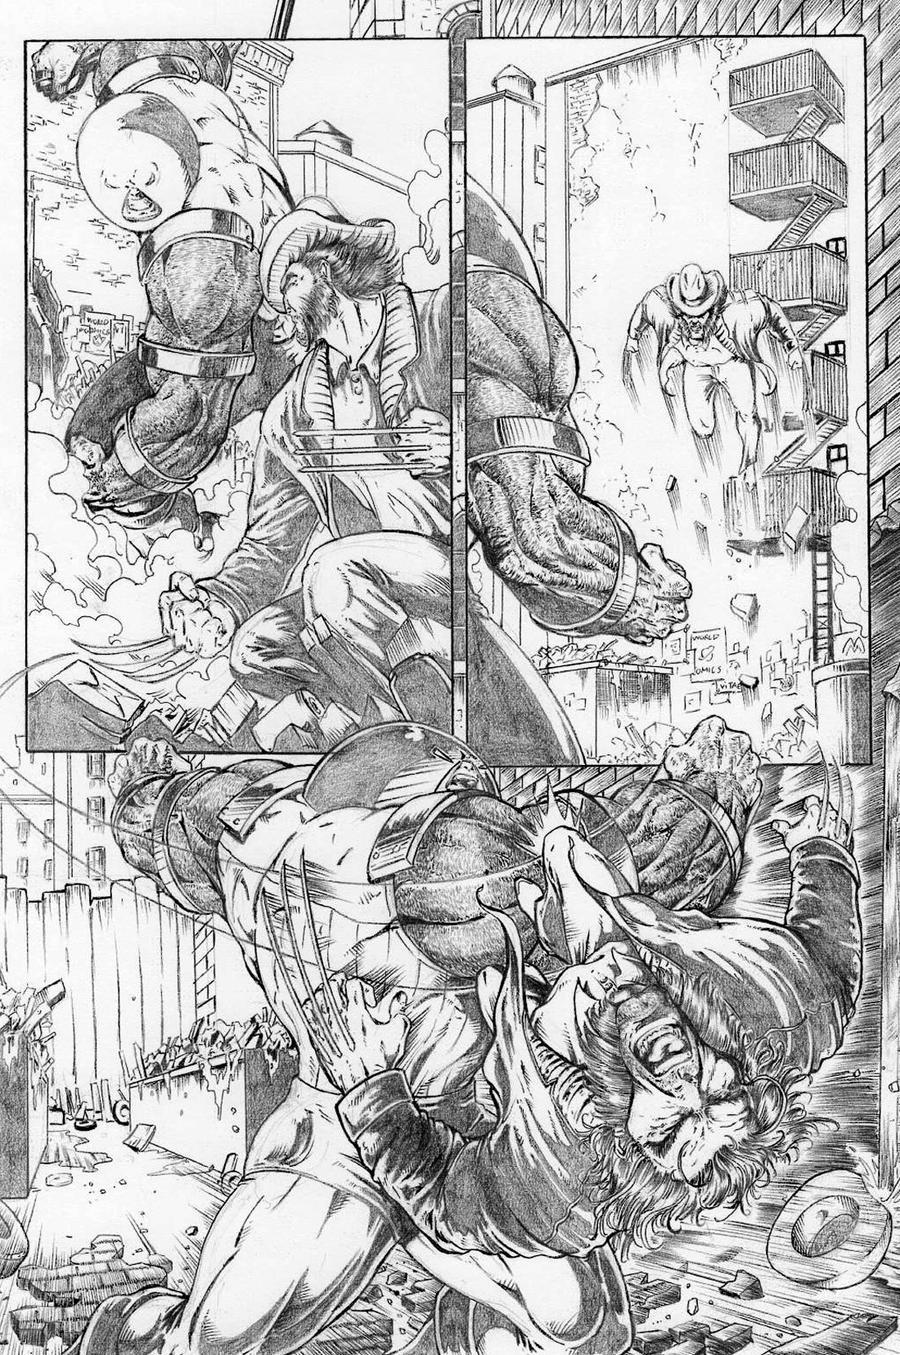 Wolverine 2 by gleidsonaraujo